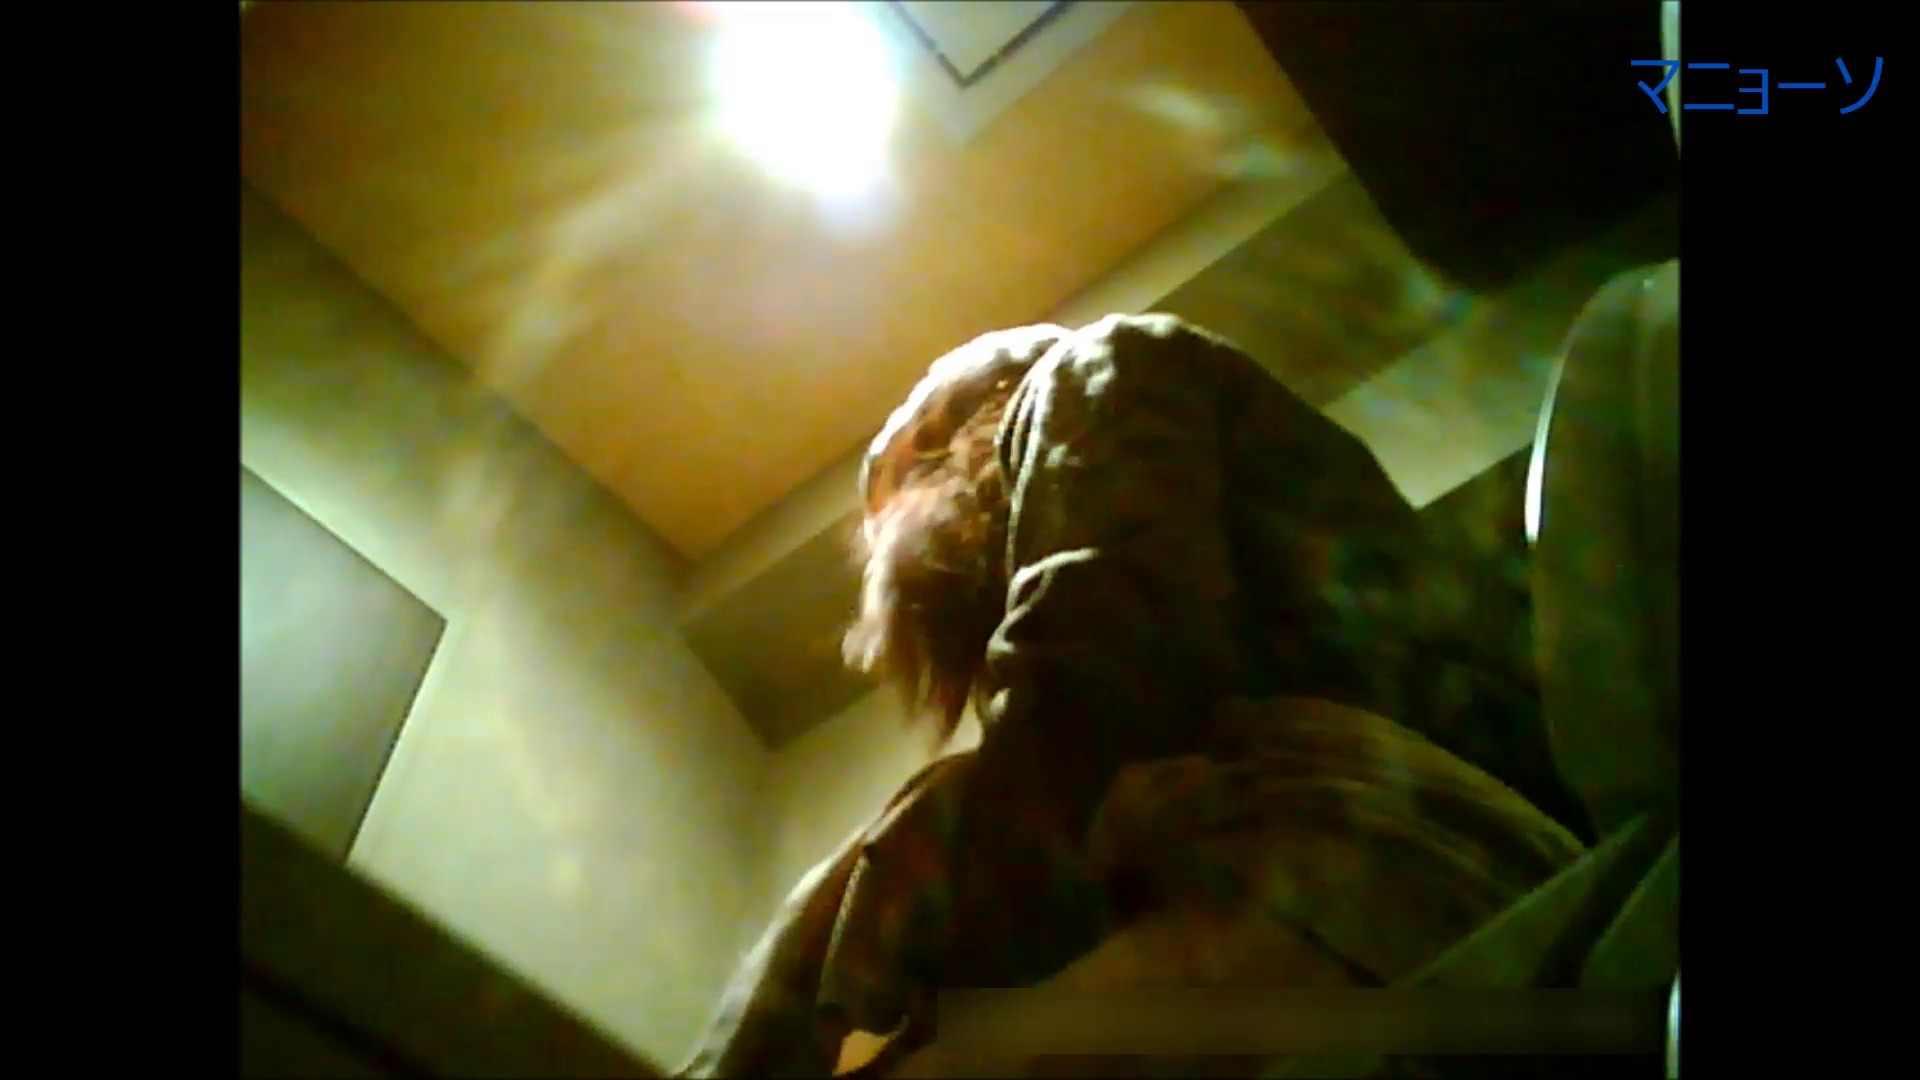 トイレでひと肌脱いでもらいました (JD編)Vol.01 OL  93pic 61